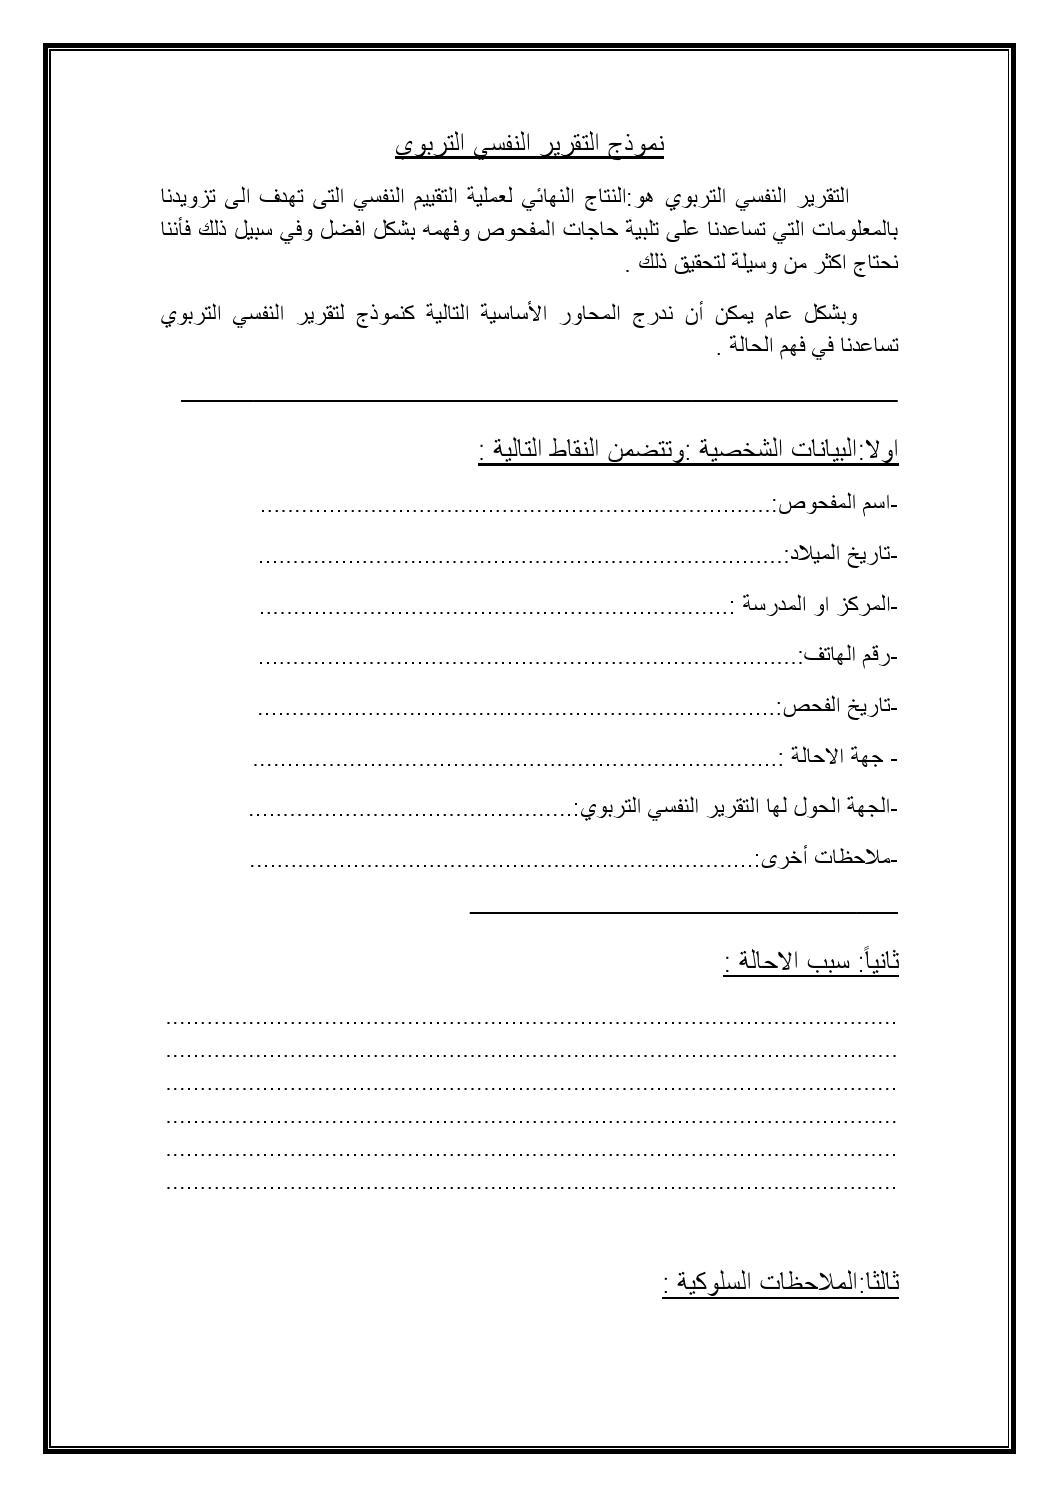 نموذج التقرير النفسي التربوي By Amal Issuu